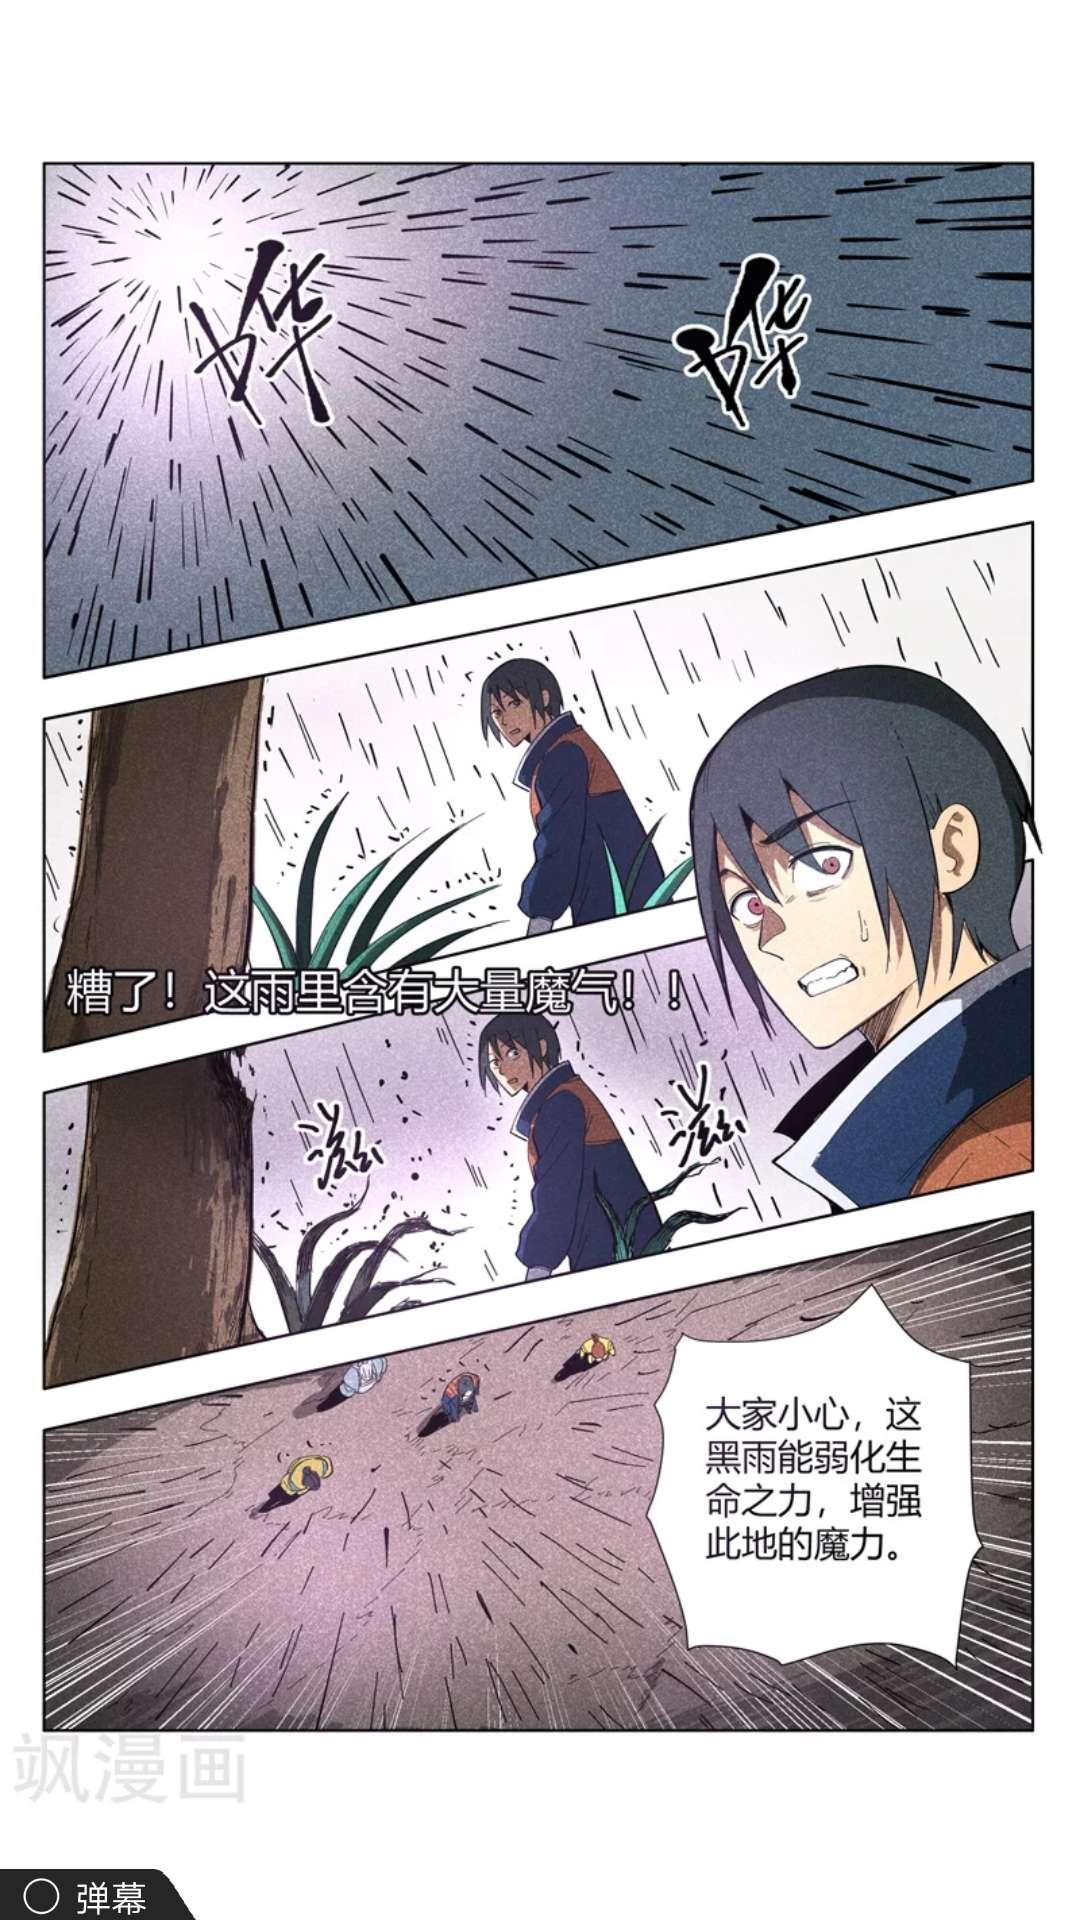 【漫画更新】万界仙踪~